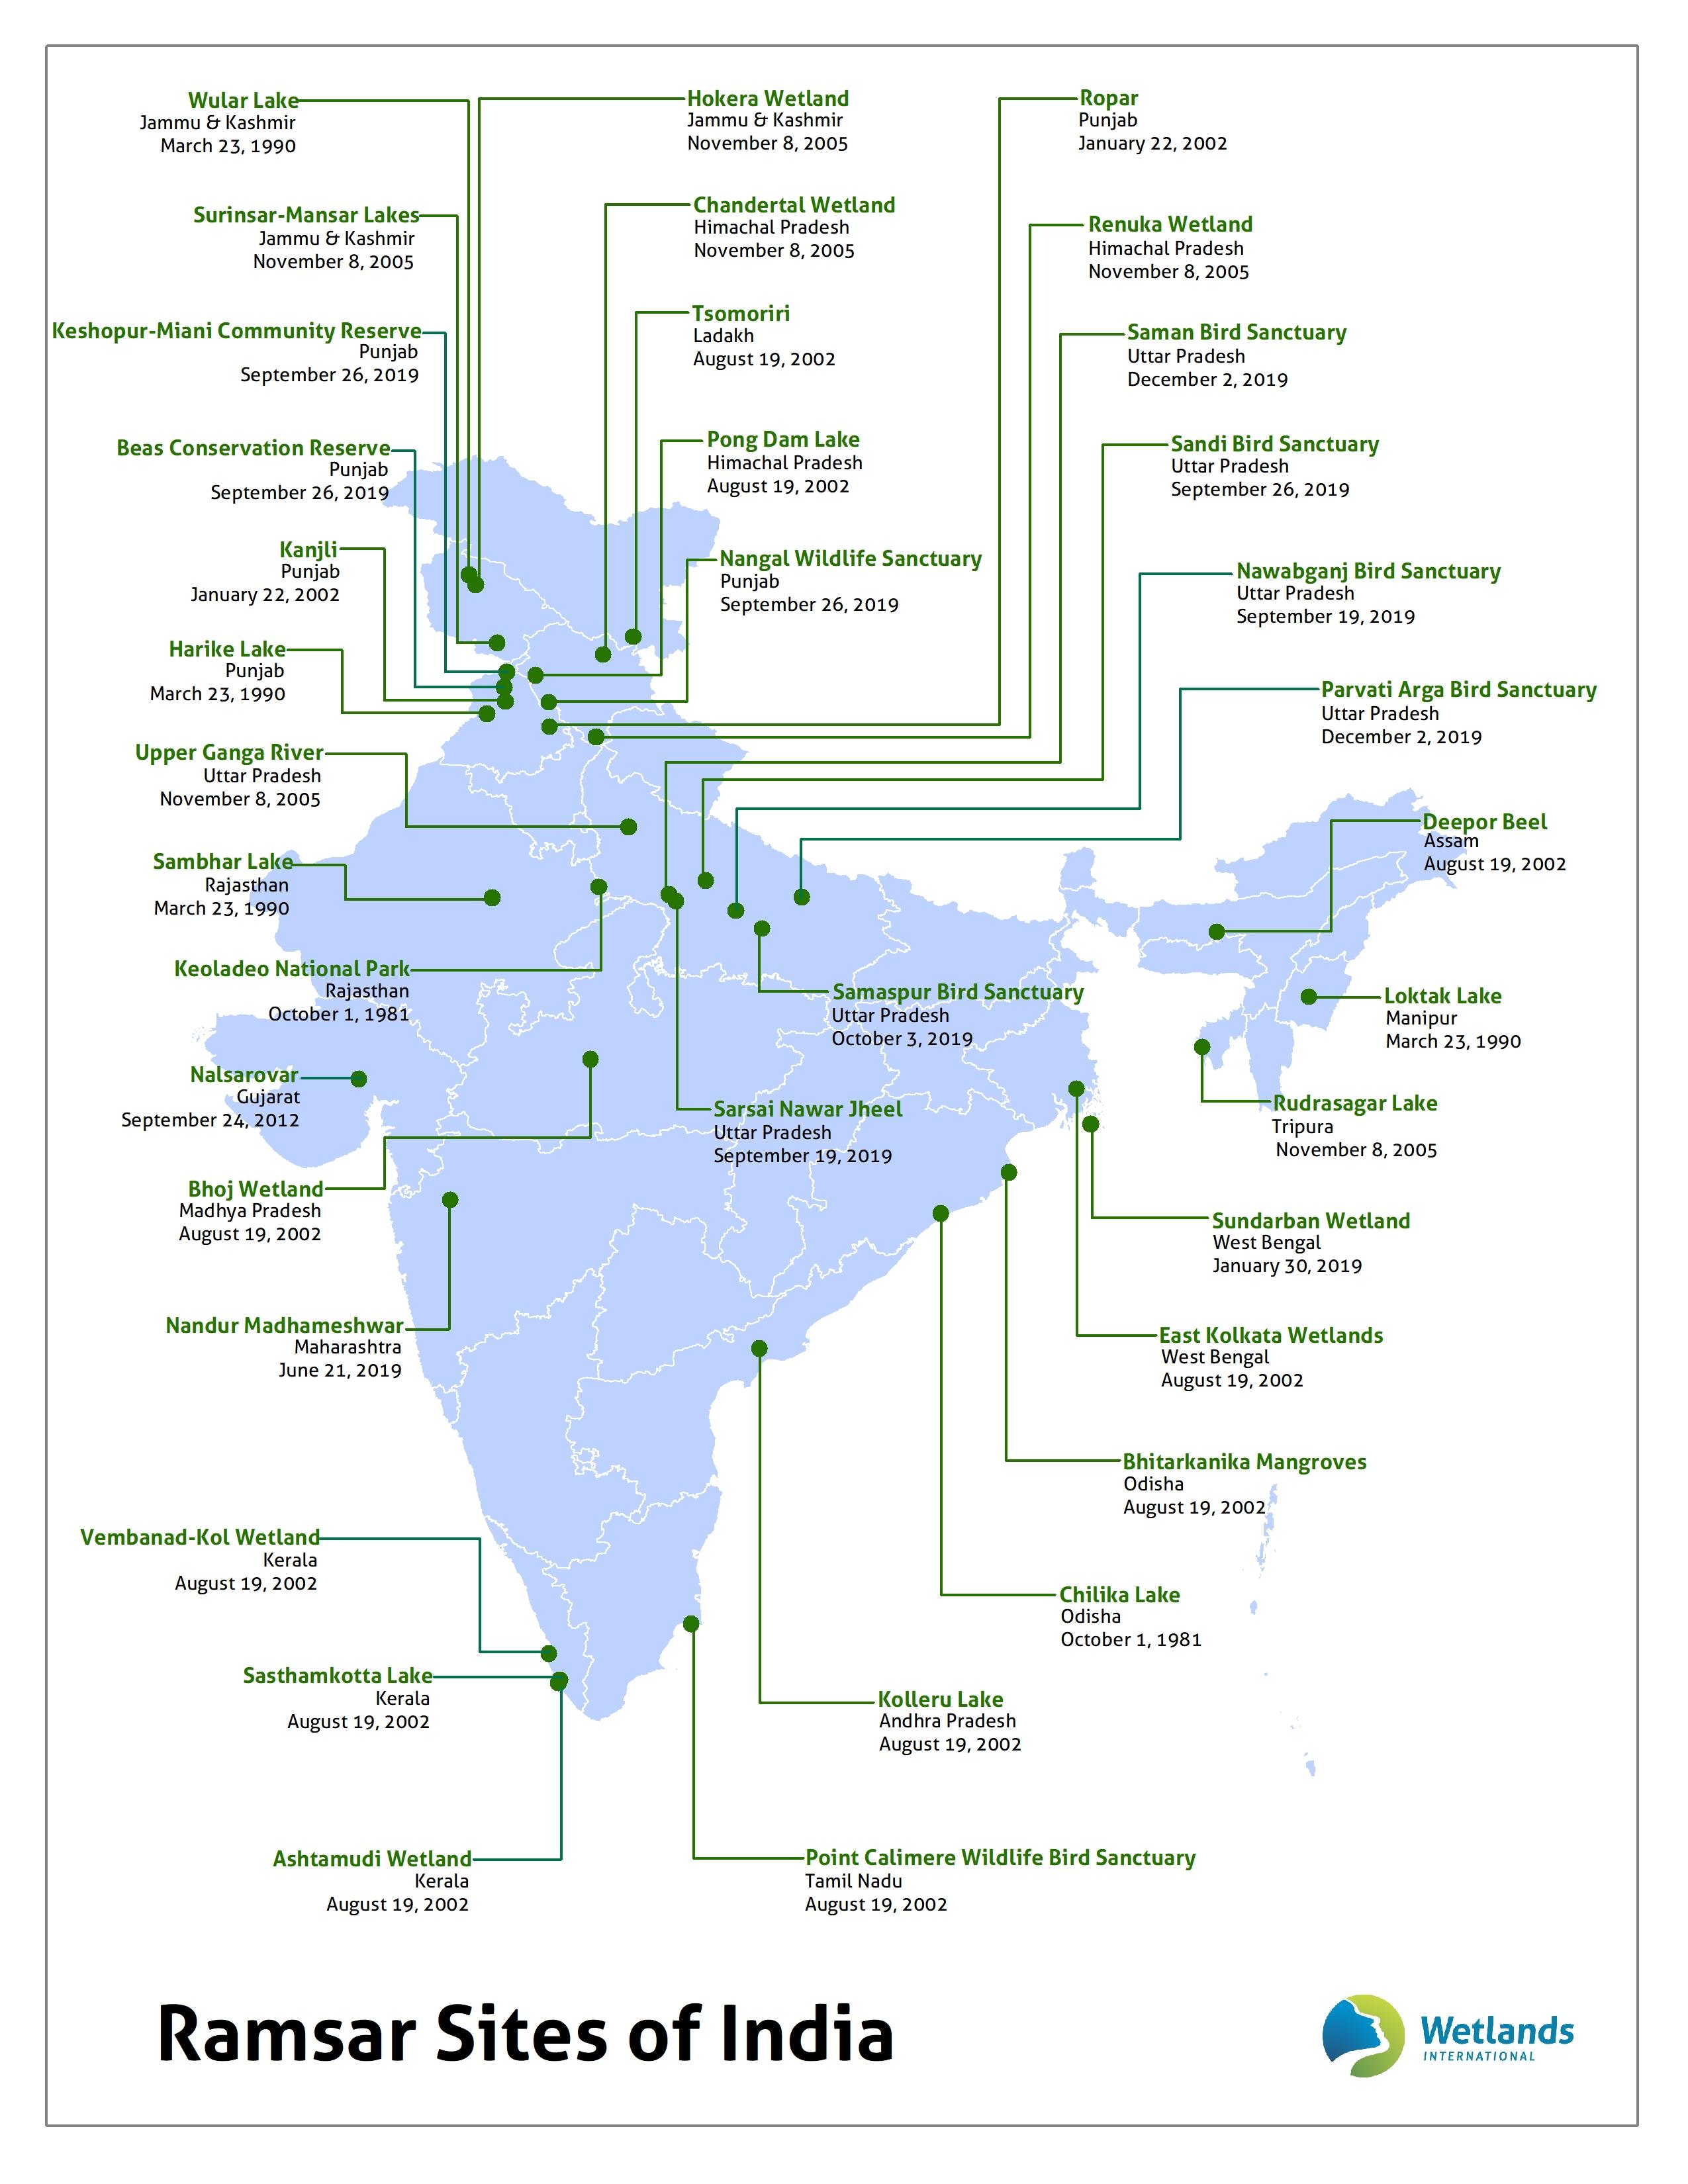 भारत में रामसर साइट्स की छवि